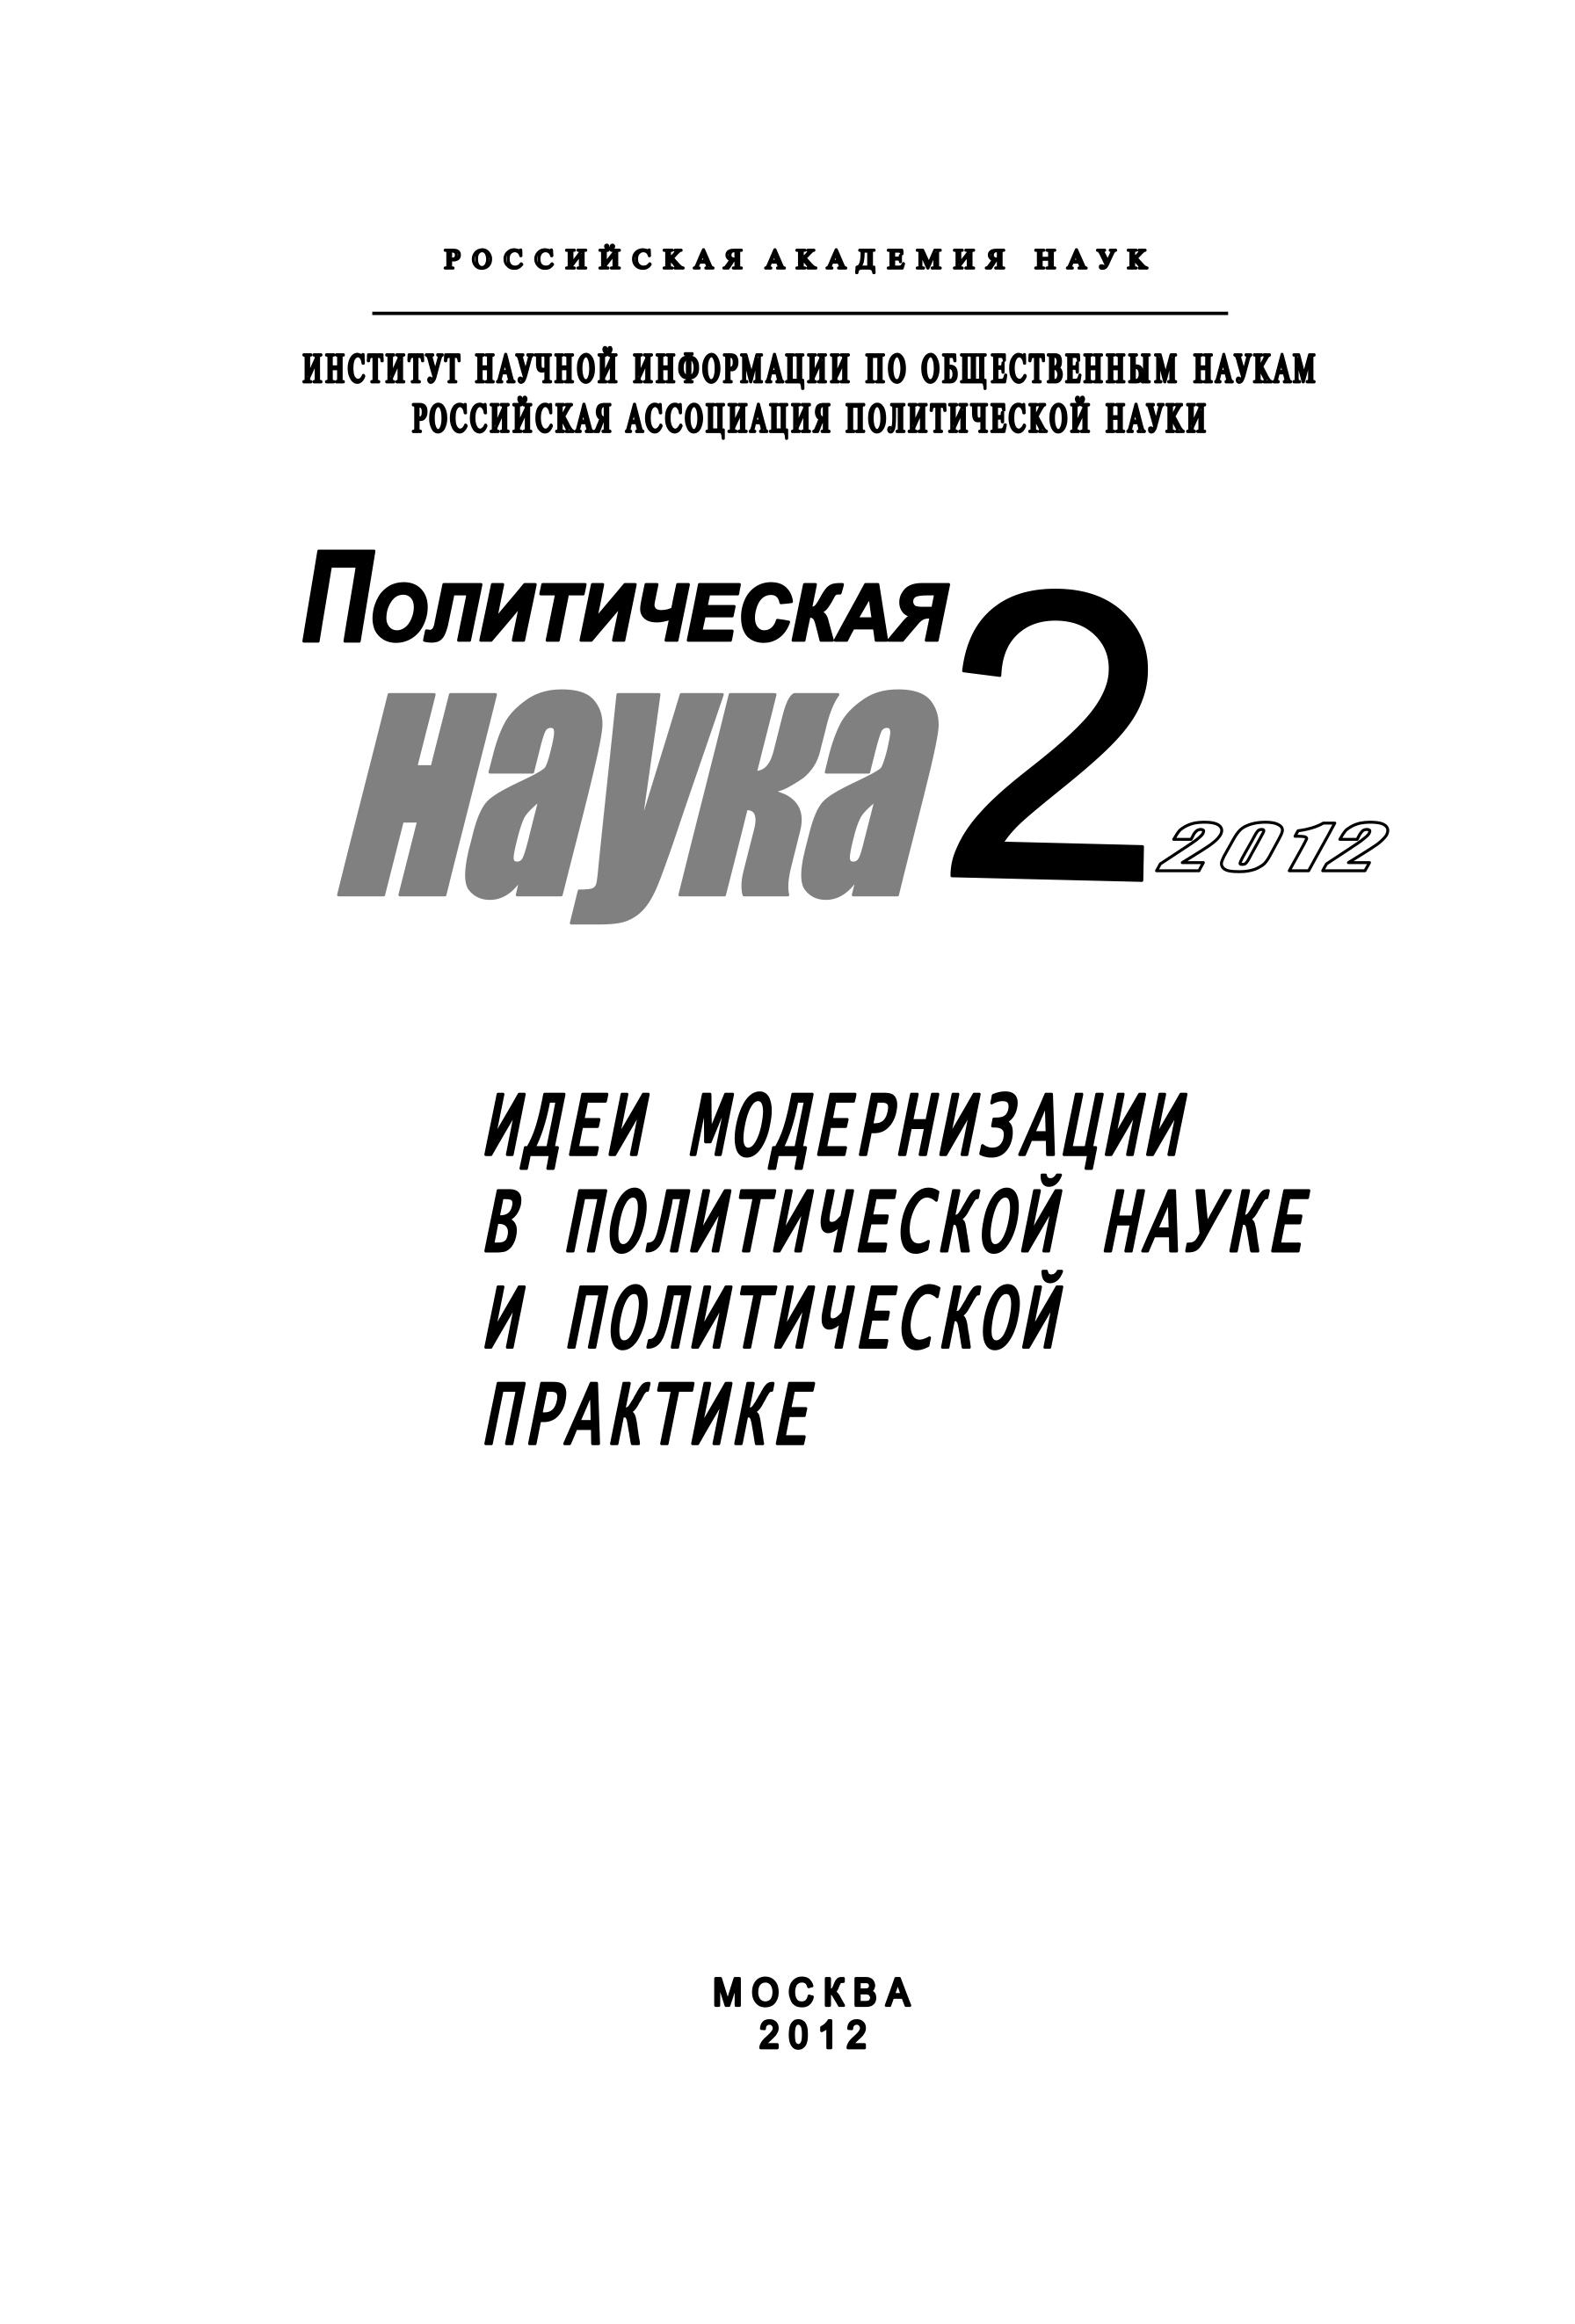 Дмитрий Ефременко Политическая наука № 2 / 2012 г. Идеи модернизации в политической науке и политической практике